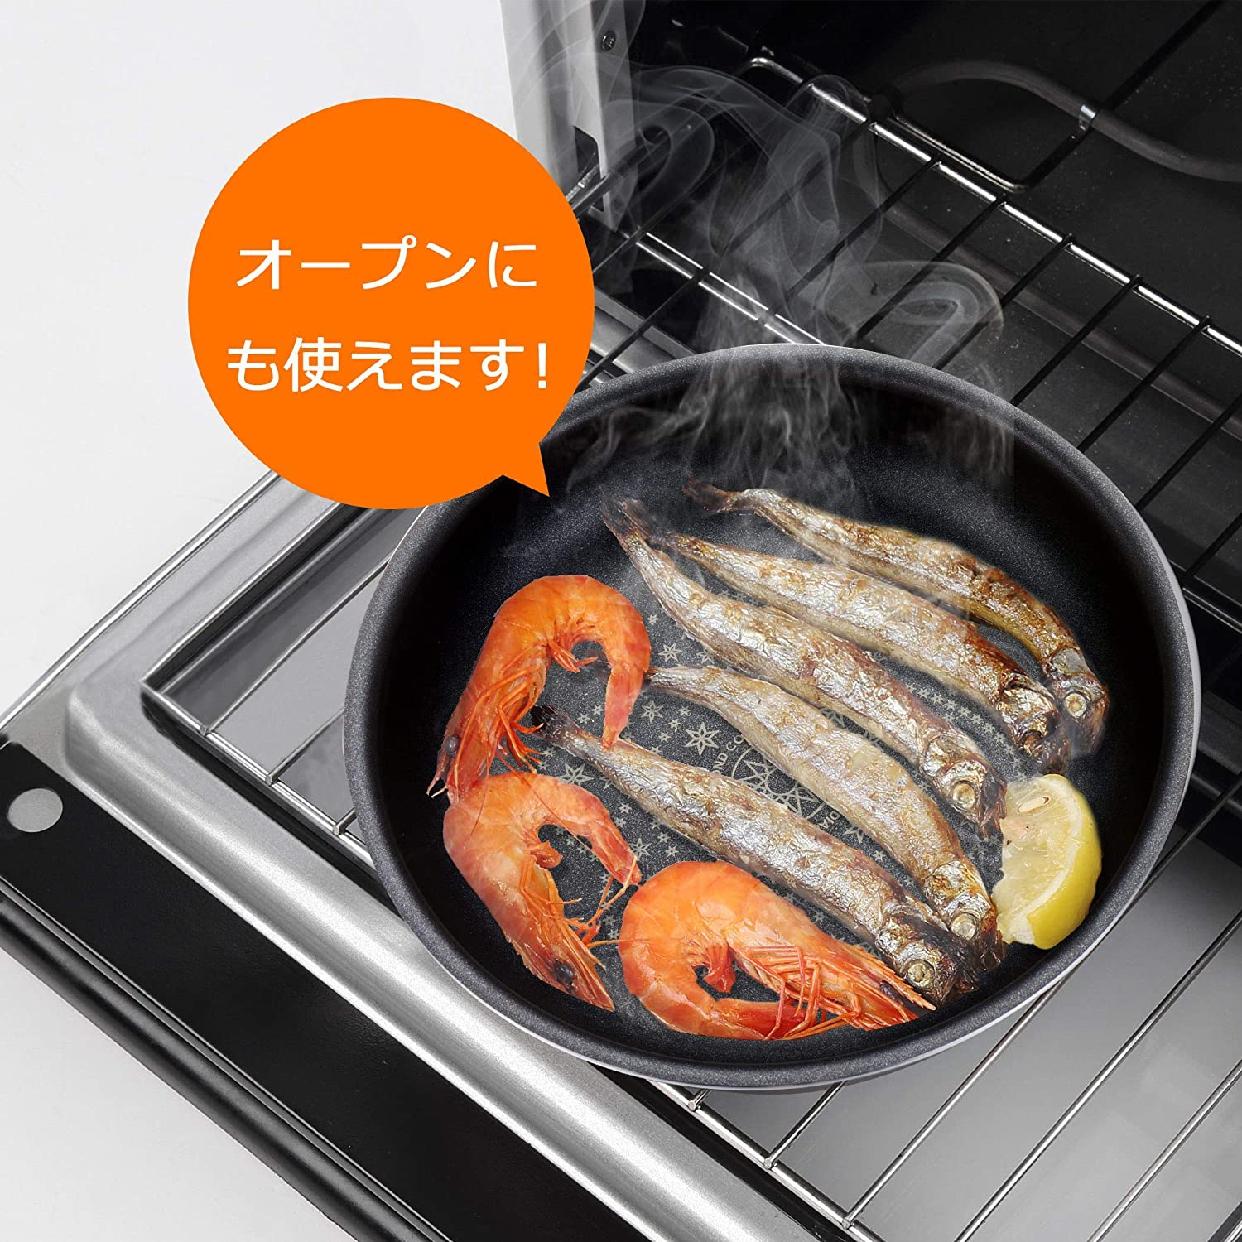 COOKSMARK(クックスマーク)ダイヤモンドコートパン 6点セットの商品画像8